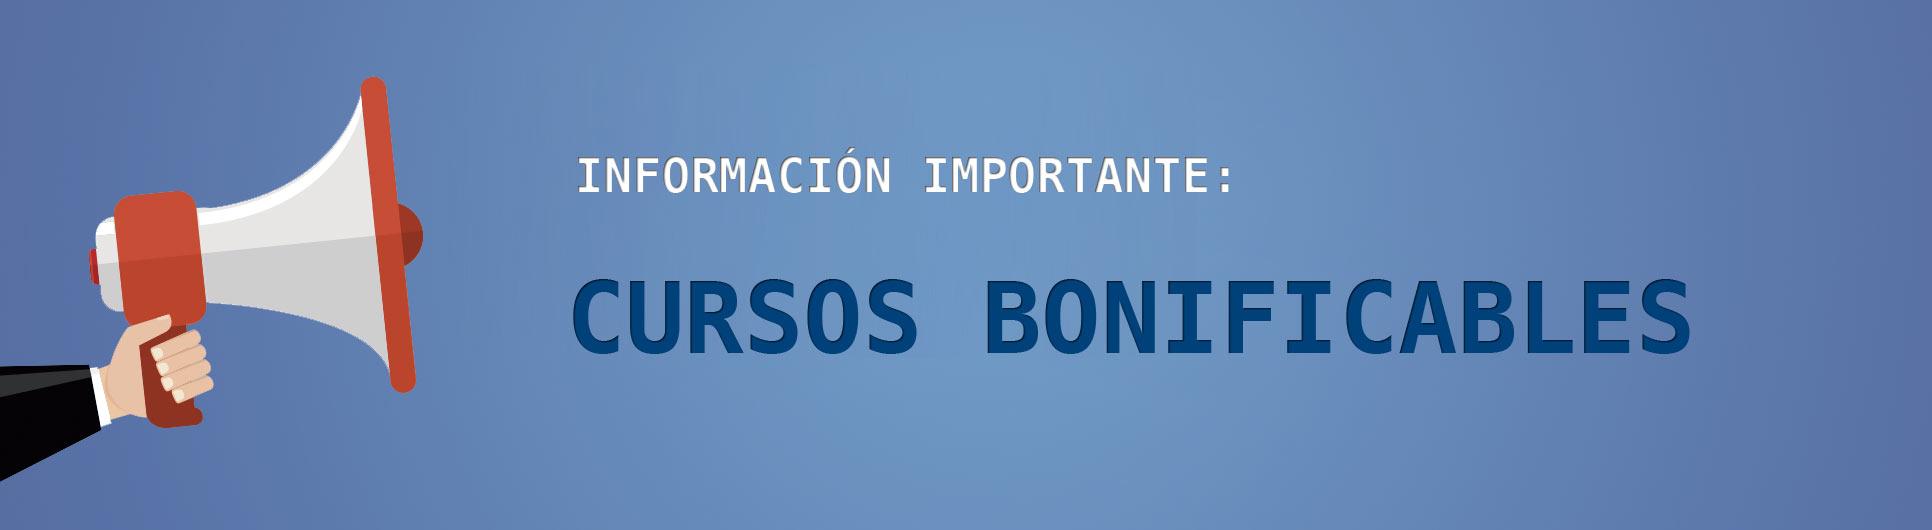 CURSOS BONIFICABLES